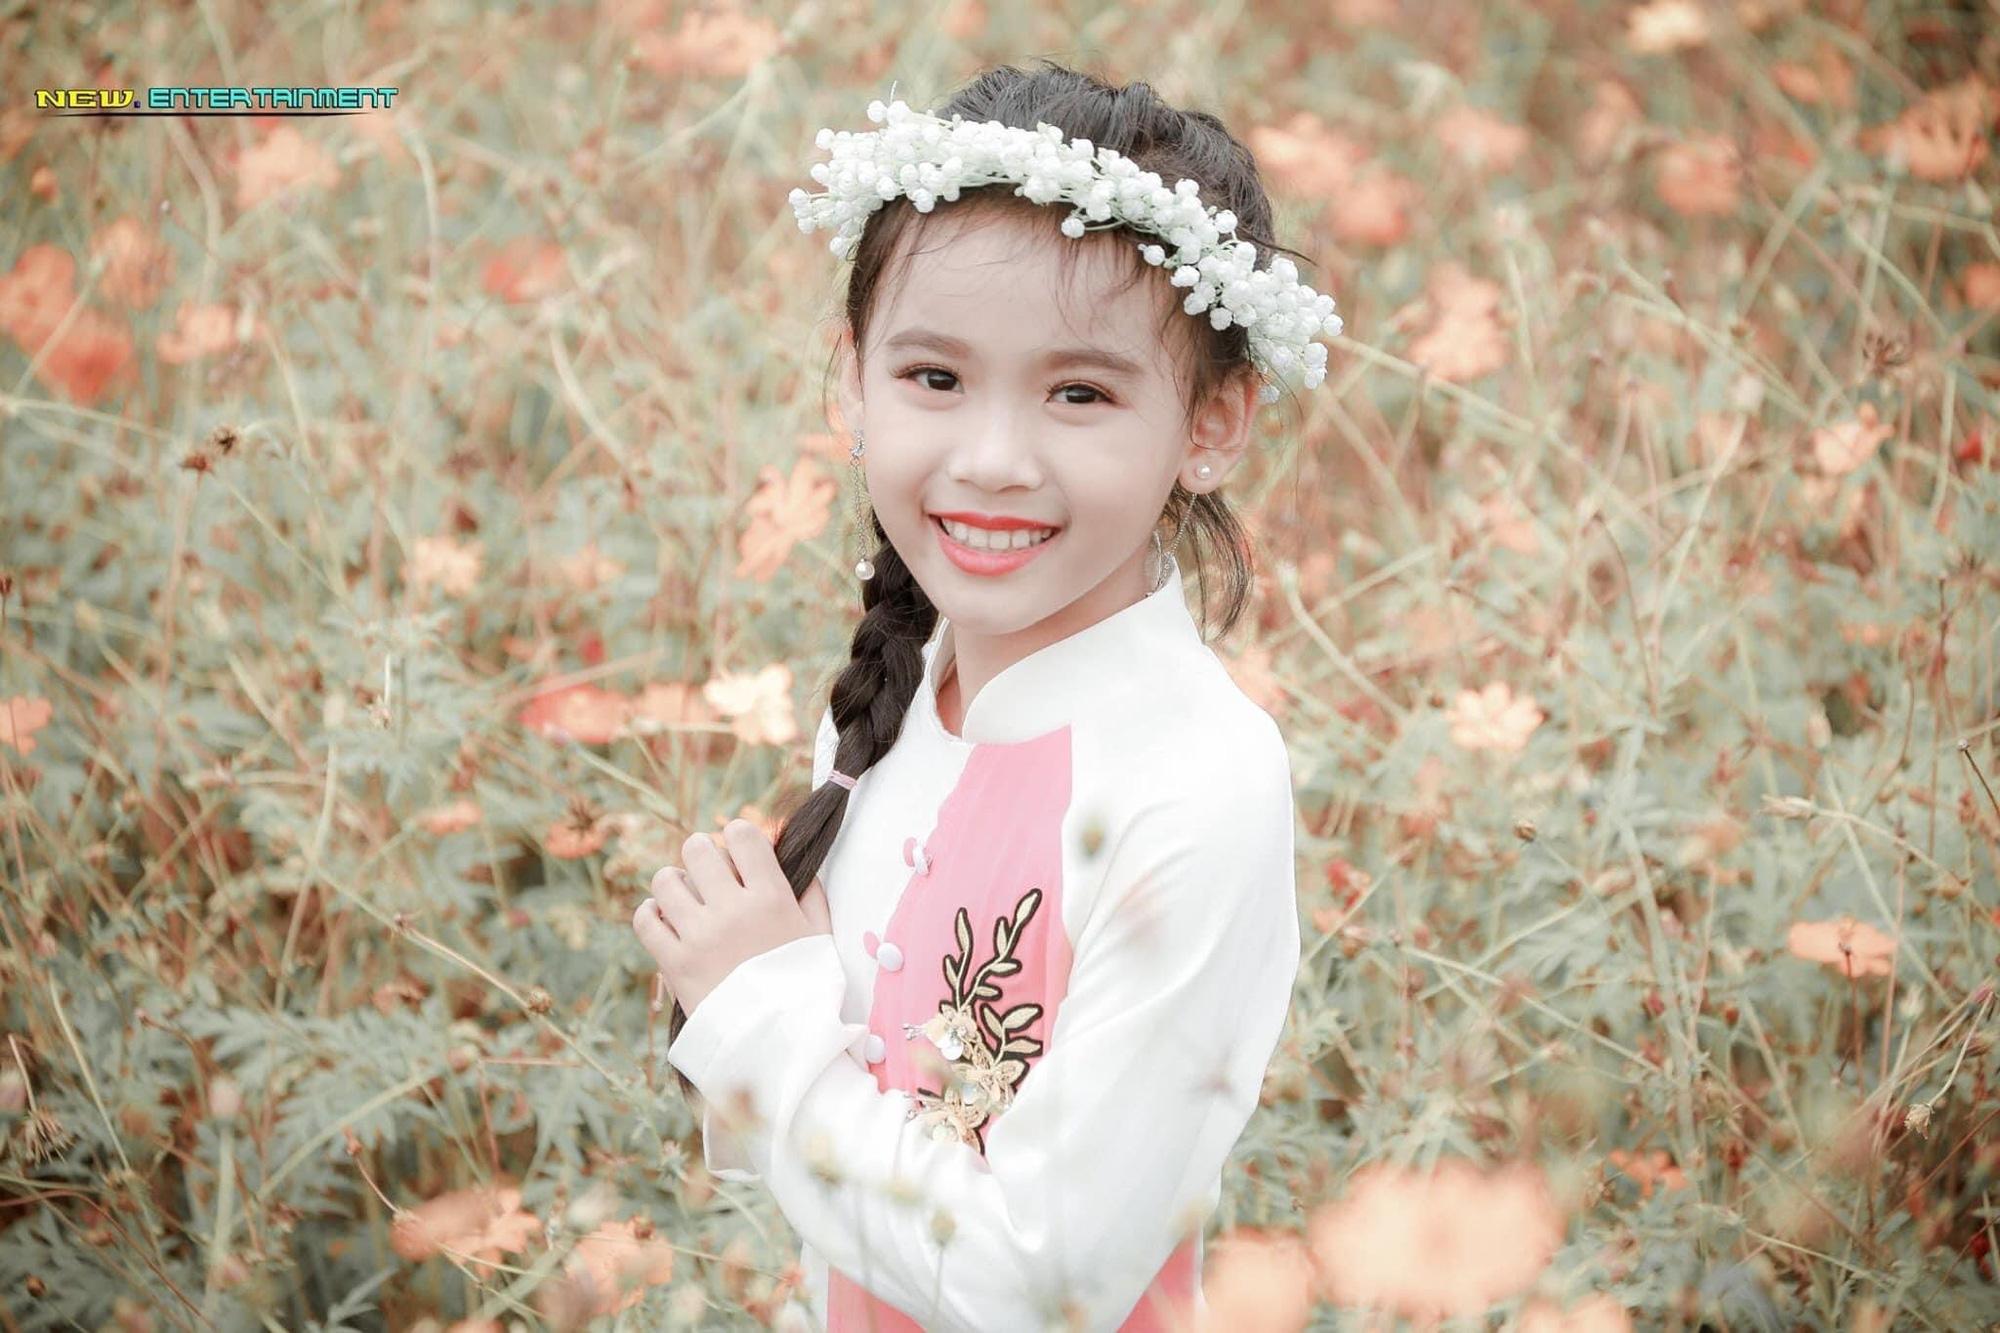 Nguyễn Ngọc Hải Trúc: Công chúa thời trang xuất sắc của Hải Phòng - Ảnh 5.